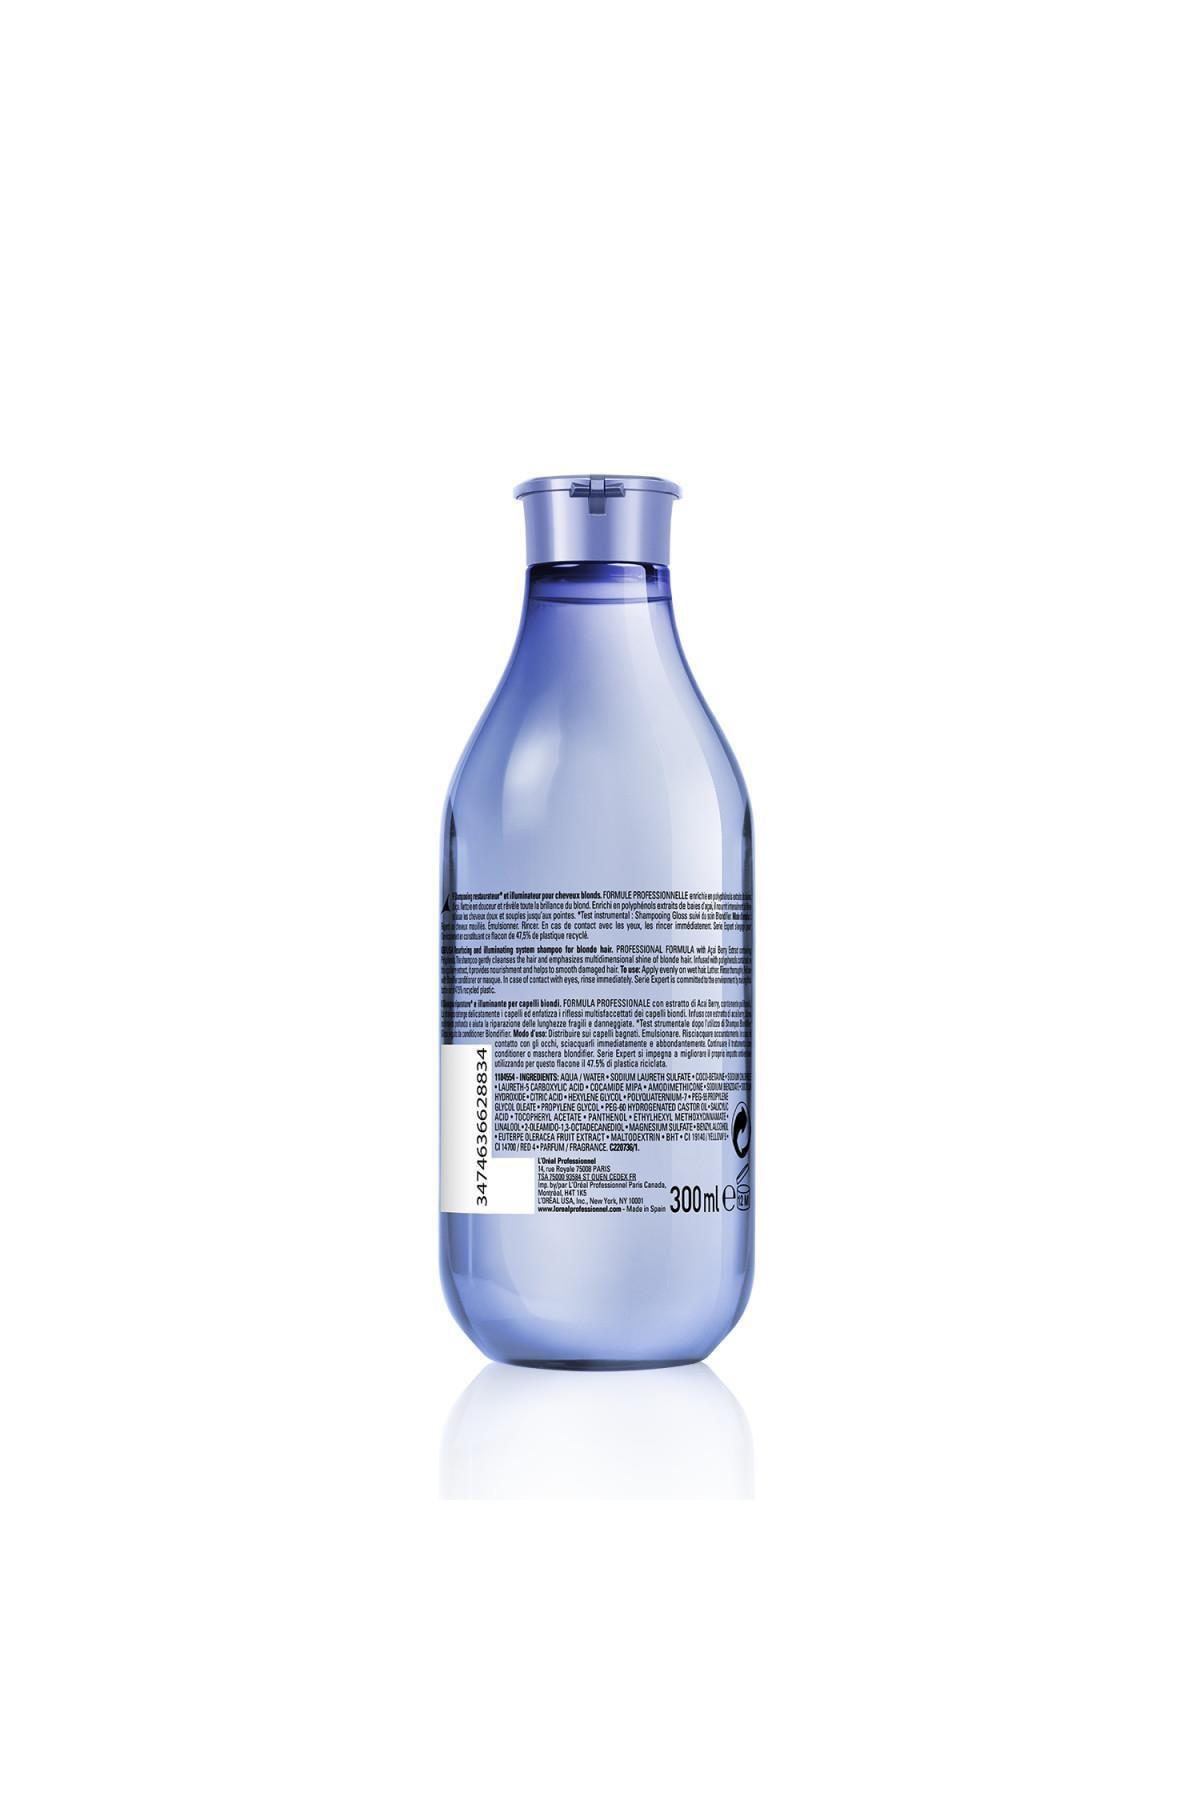 L'oreal Professionnel Serie Expert Blondifier Sarı Saçlara Özel Parlaklık Şampuanı 300 ml 2